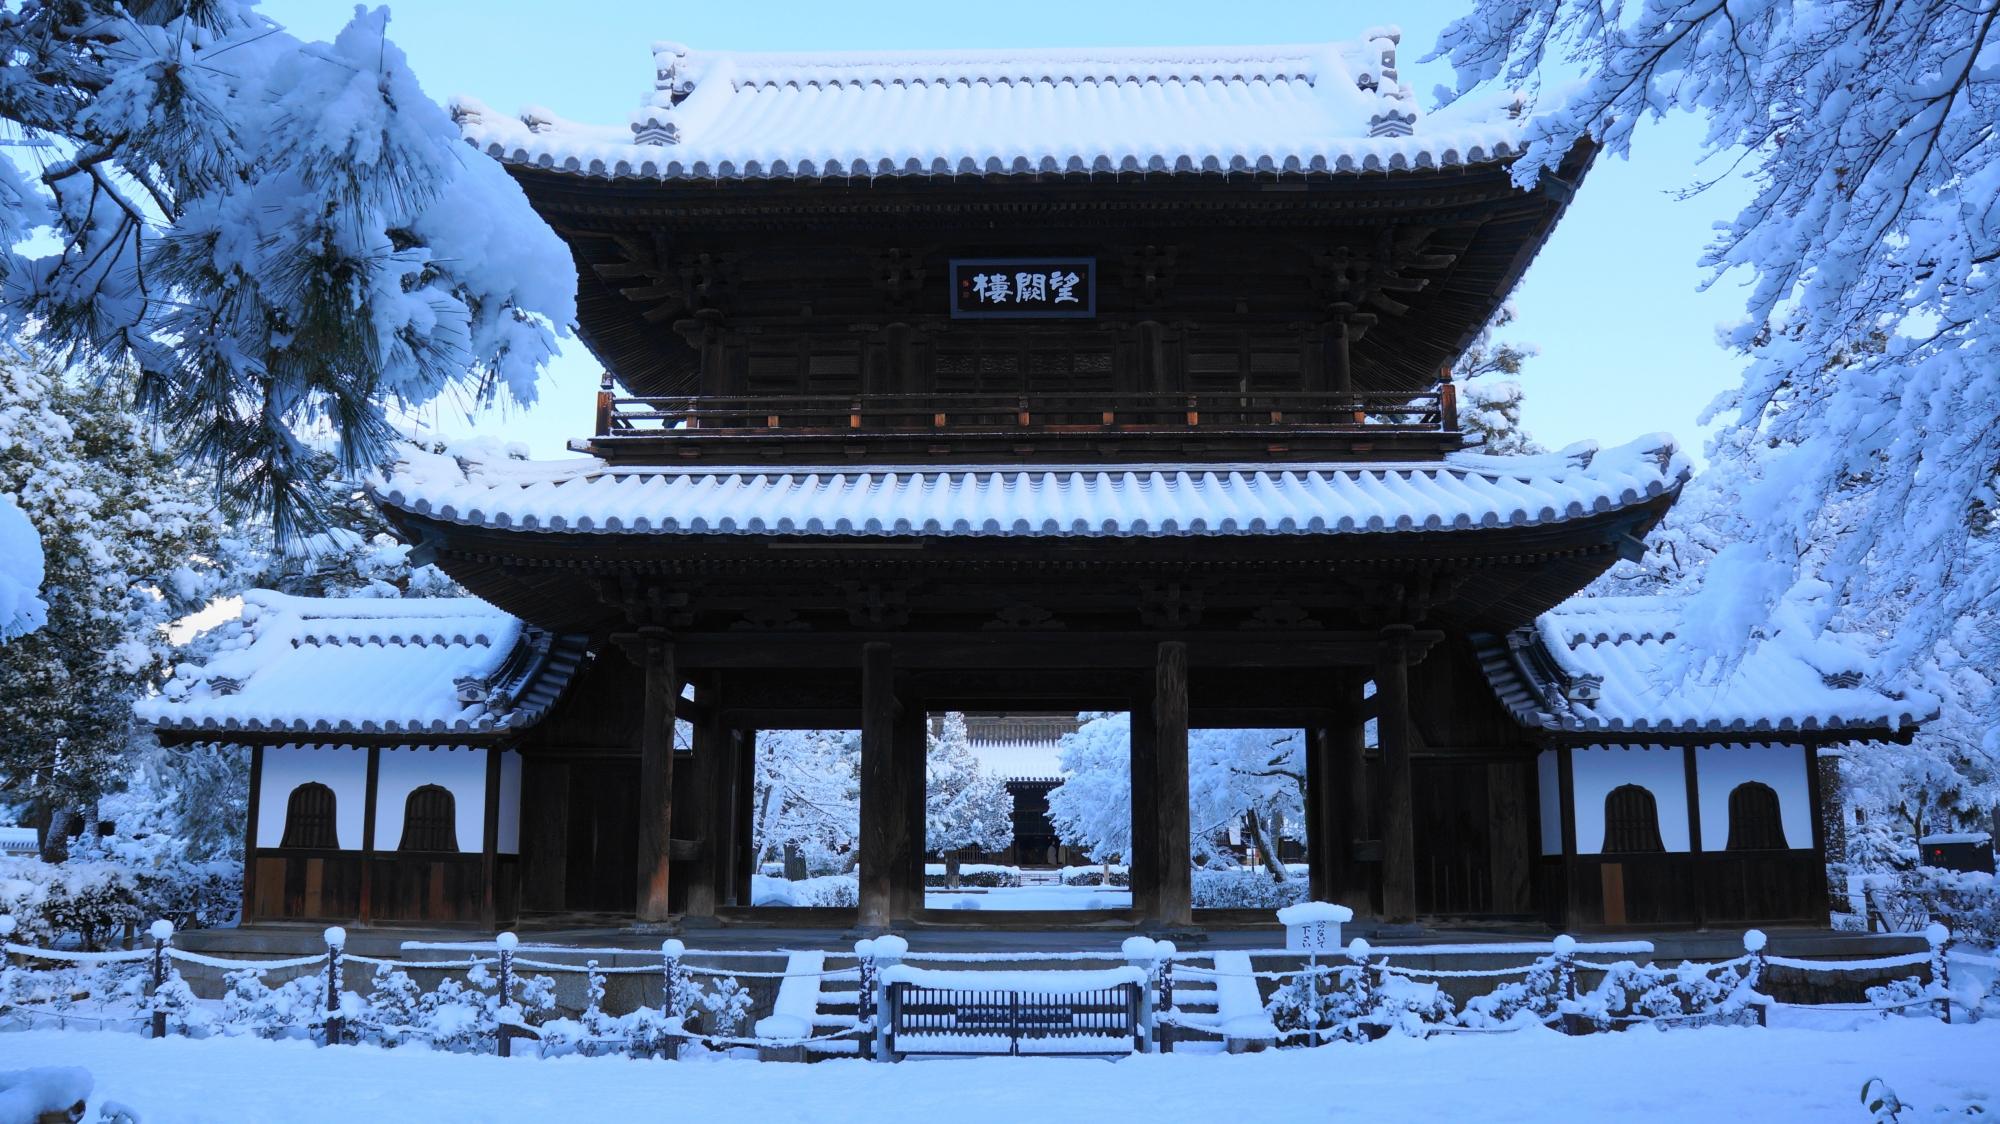 建仁寺の雪化粧した立派な三門